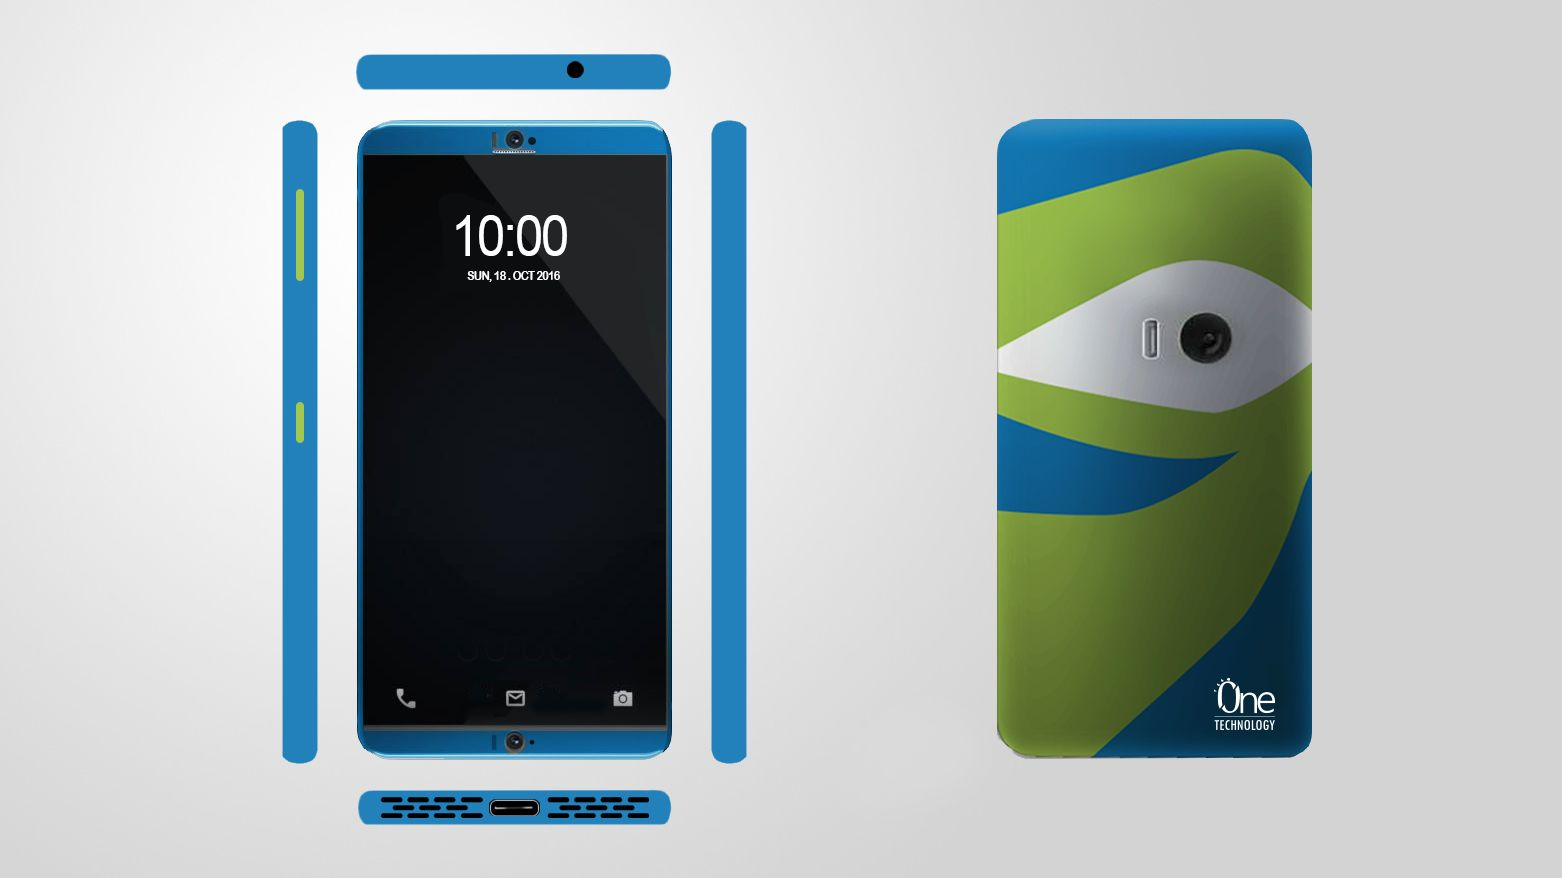 ZTE smartphone crowdsource project CSX